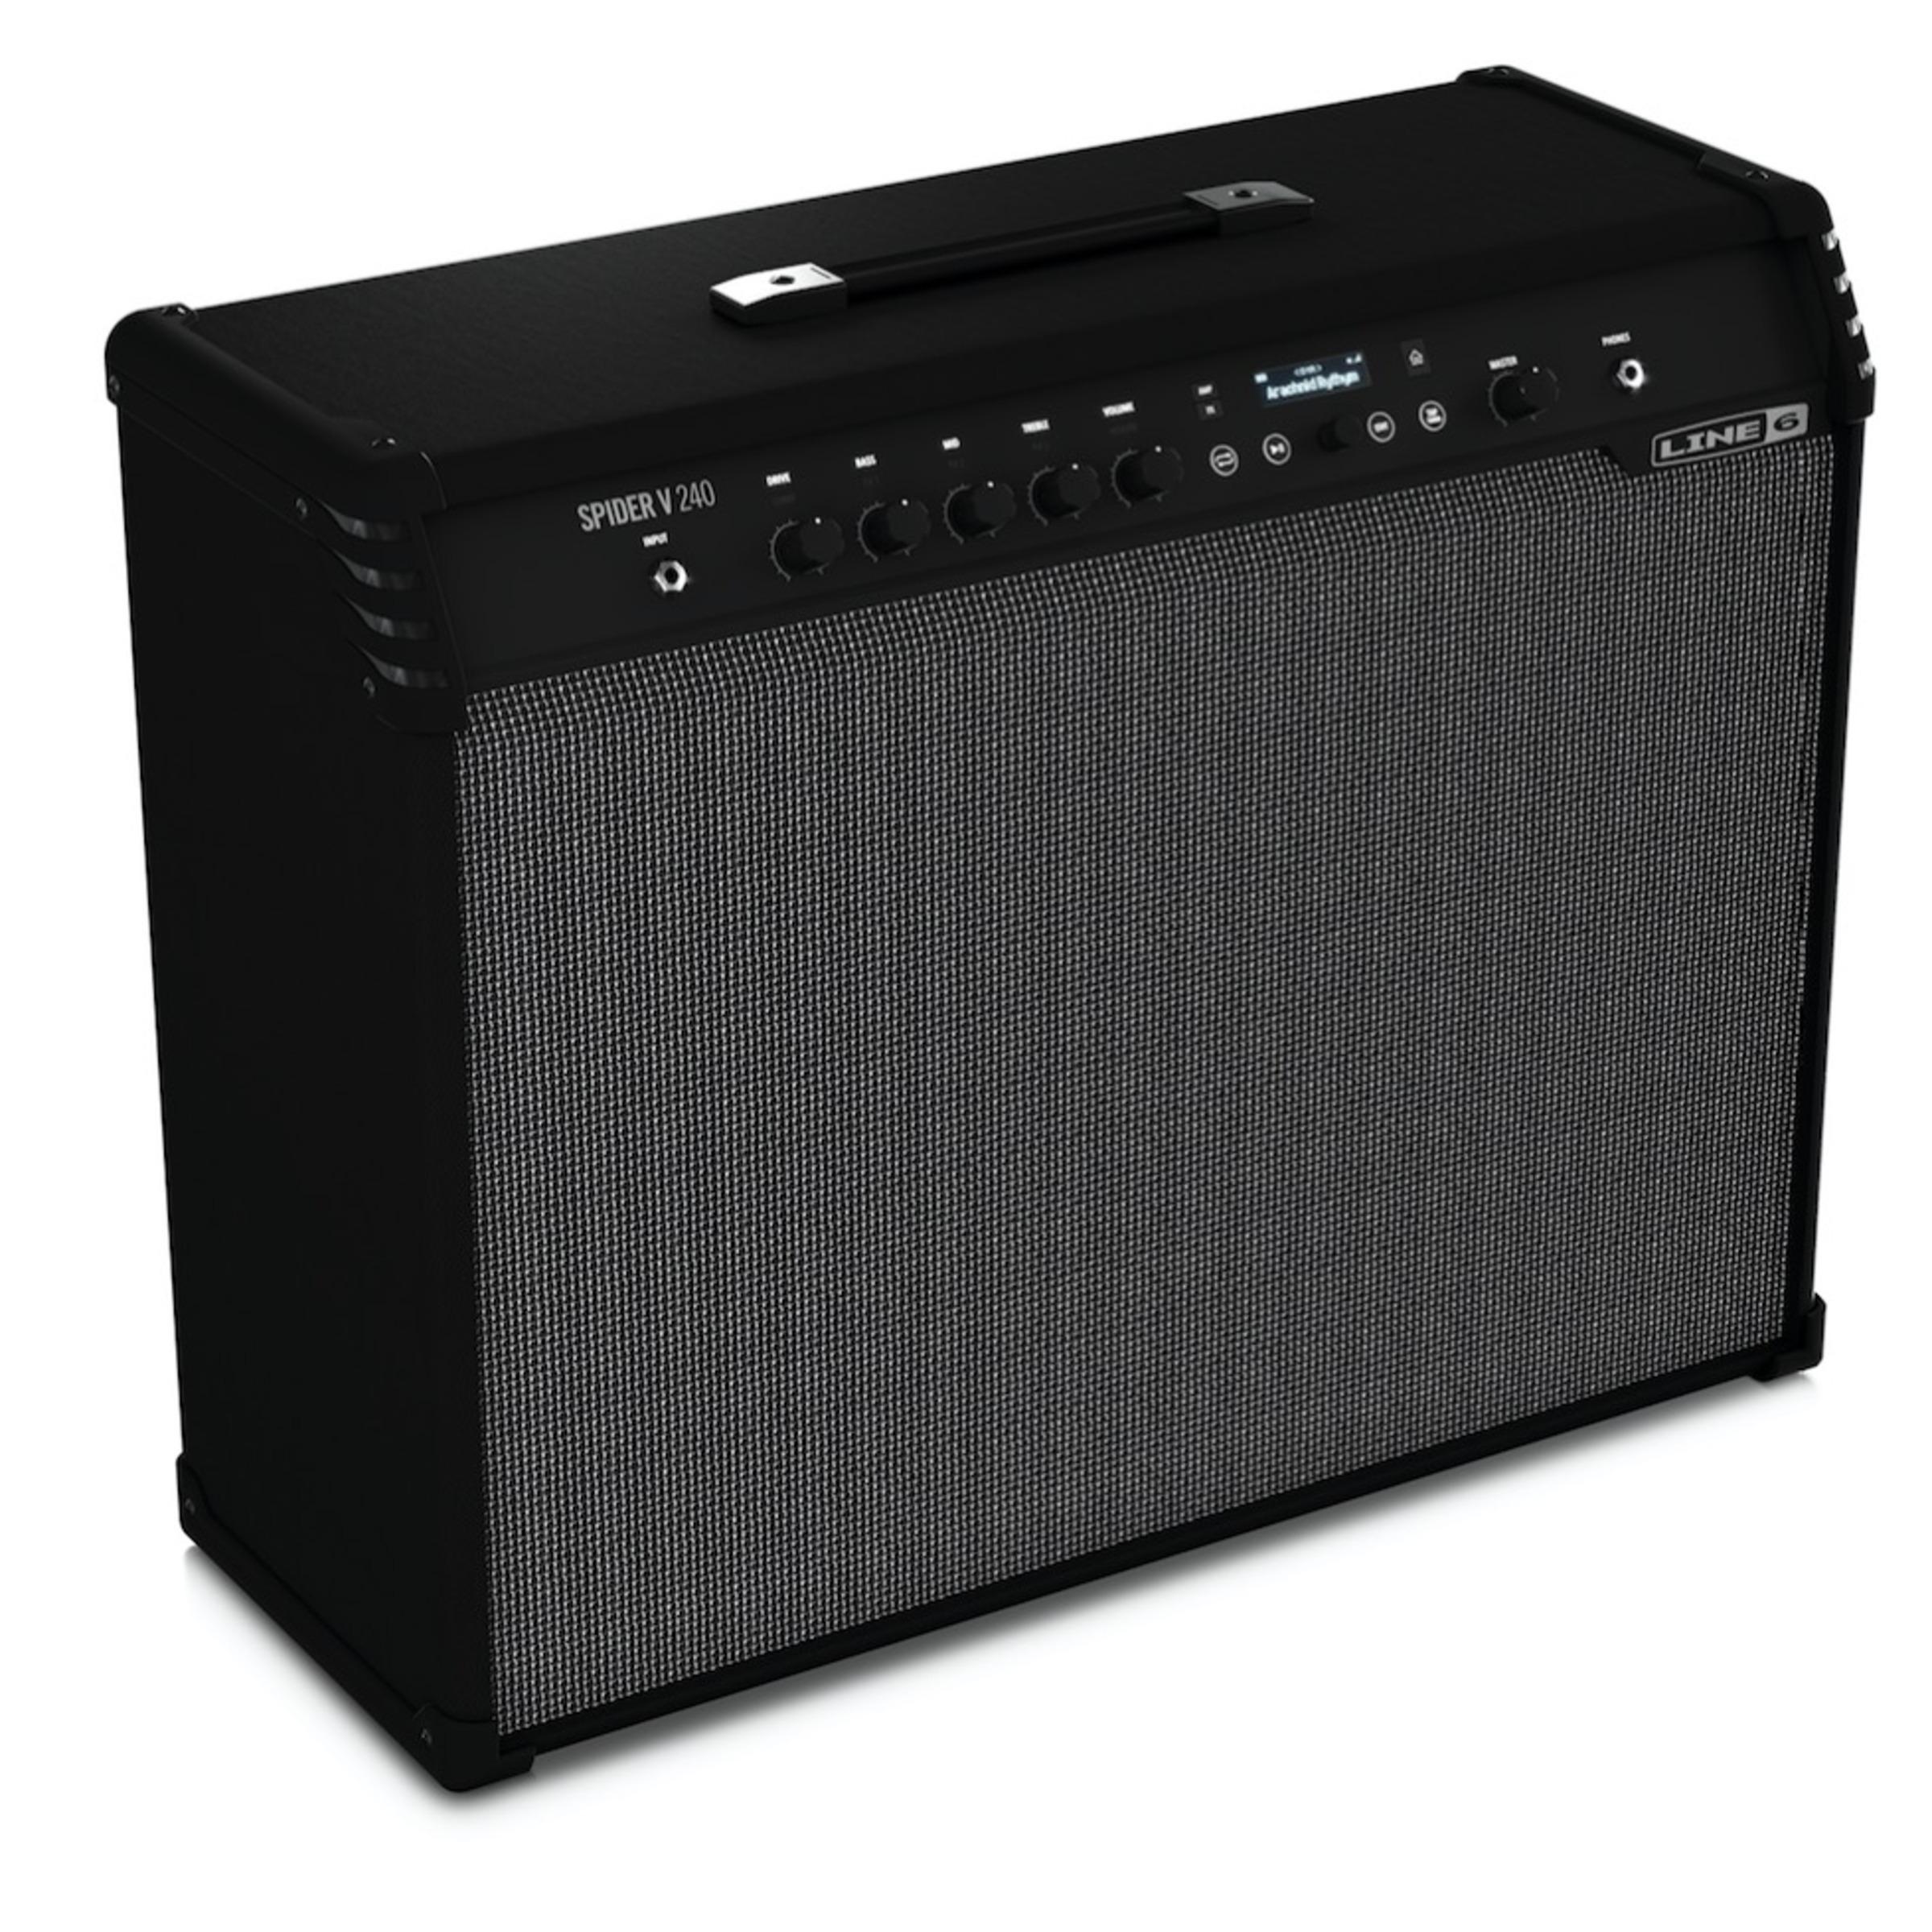 line 6 spider v 240 guitar amp 2x12 240 watt combo giggear. Black Bedroom Furniture Sets. Home Design Ideas